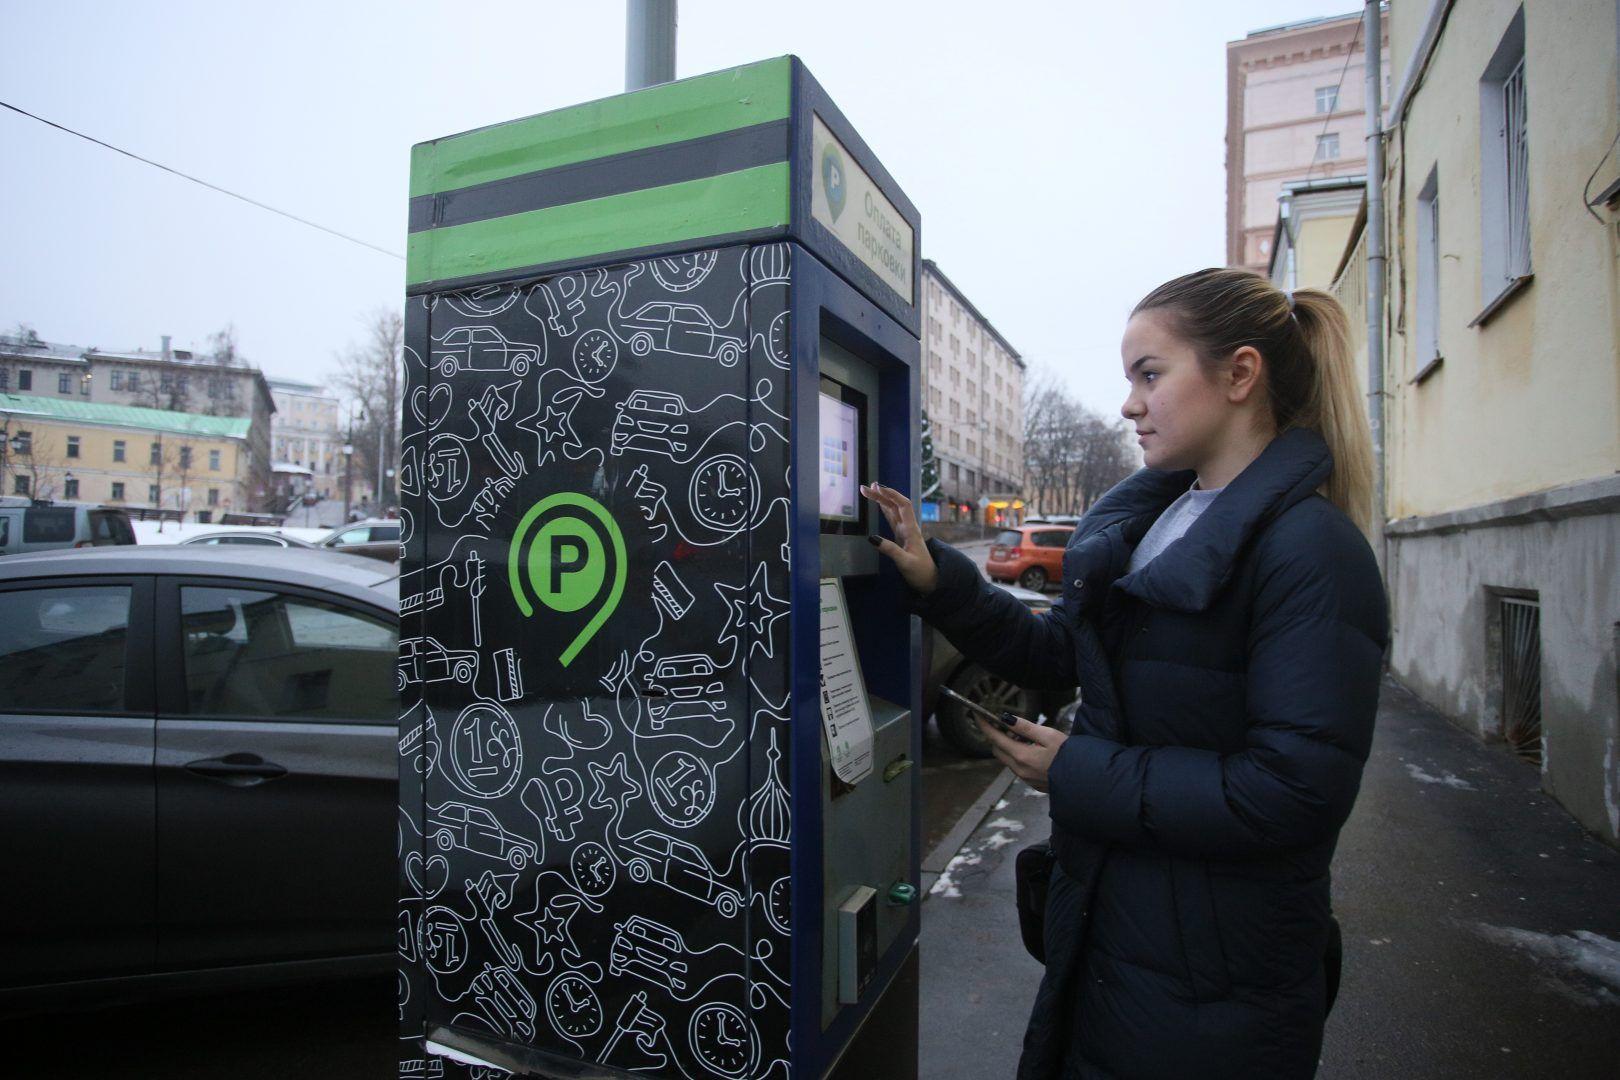 Парковка для врачей станет бесплатной с понедельника. Фото: Антон Гердо